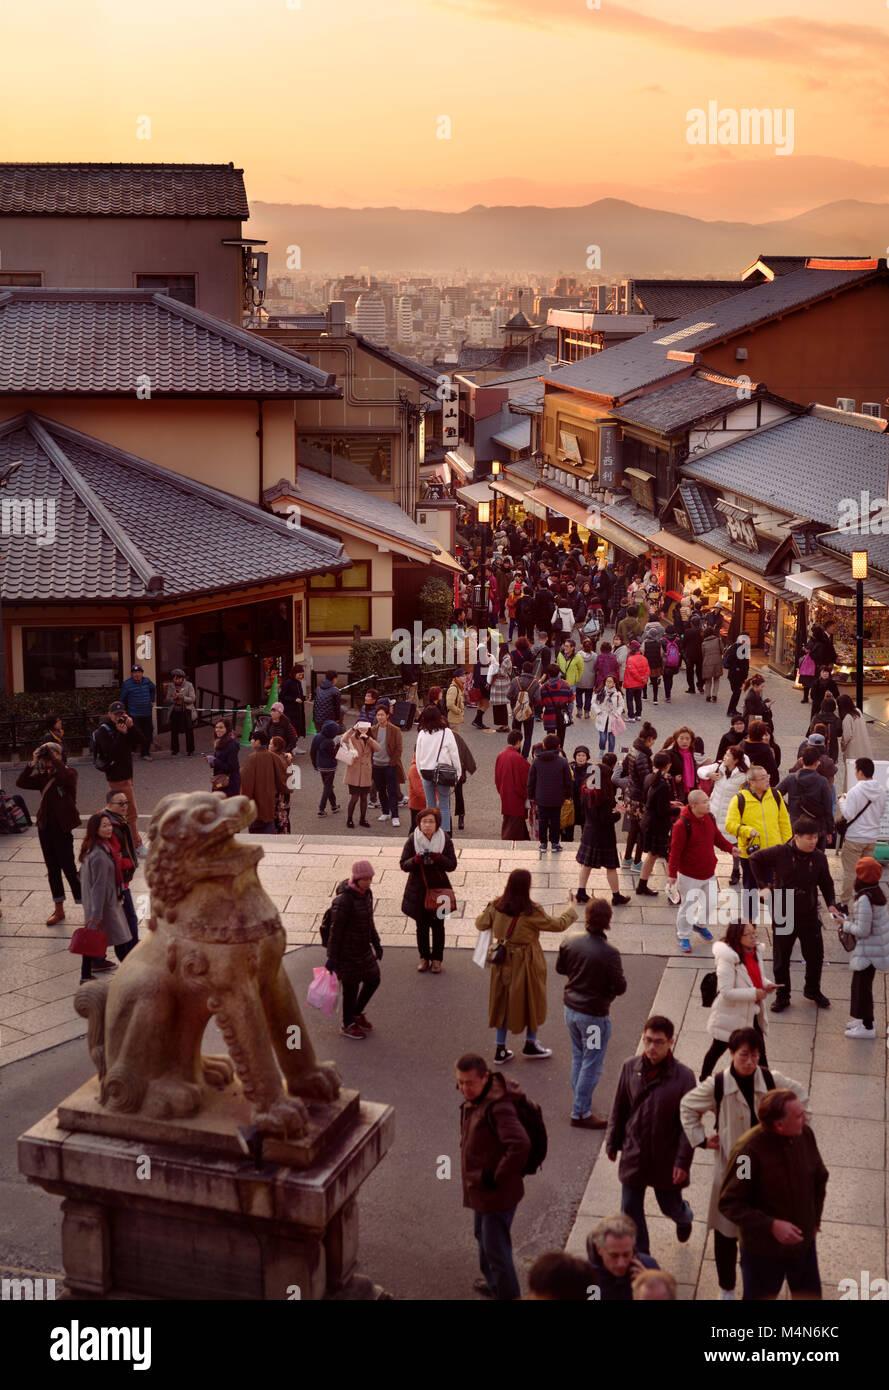 Matsubara dori street al atardecer en otoño, llena de turistas y visitantes en la entrada al templo budista de Kiyomizu Foto de stock